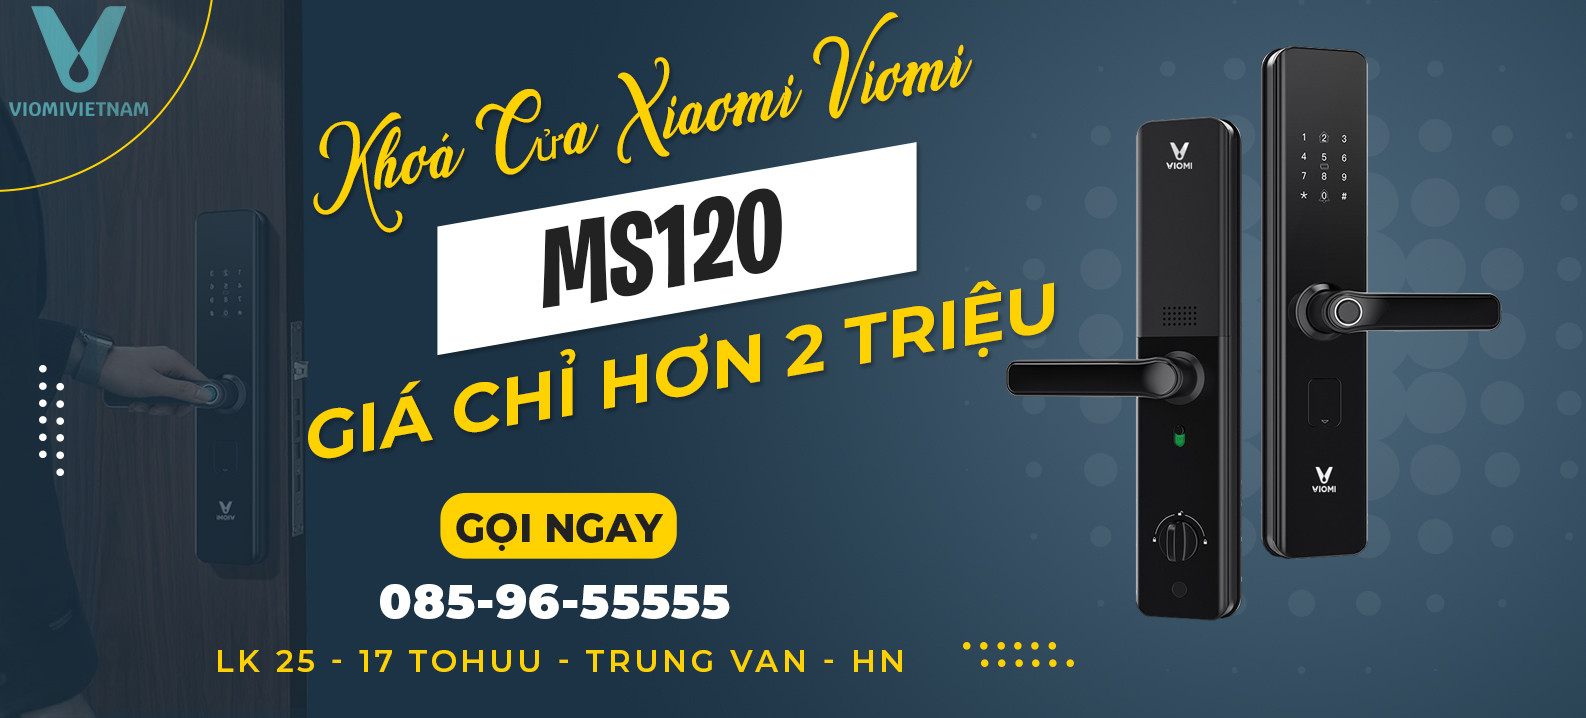 Khoá Xiaomi MS120 | Chỉ Hơn 2 Triệu